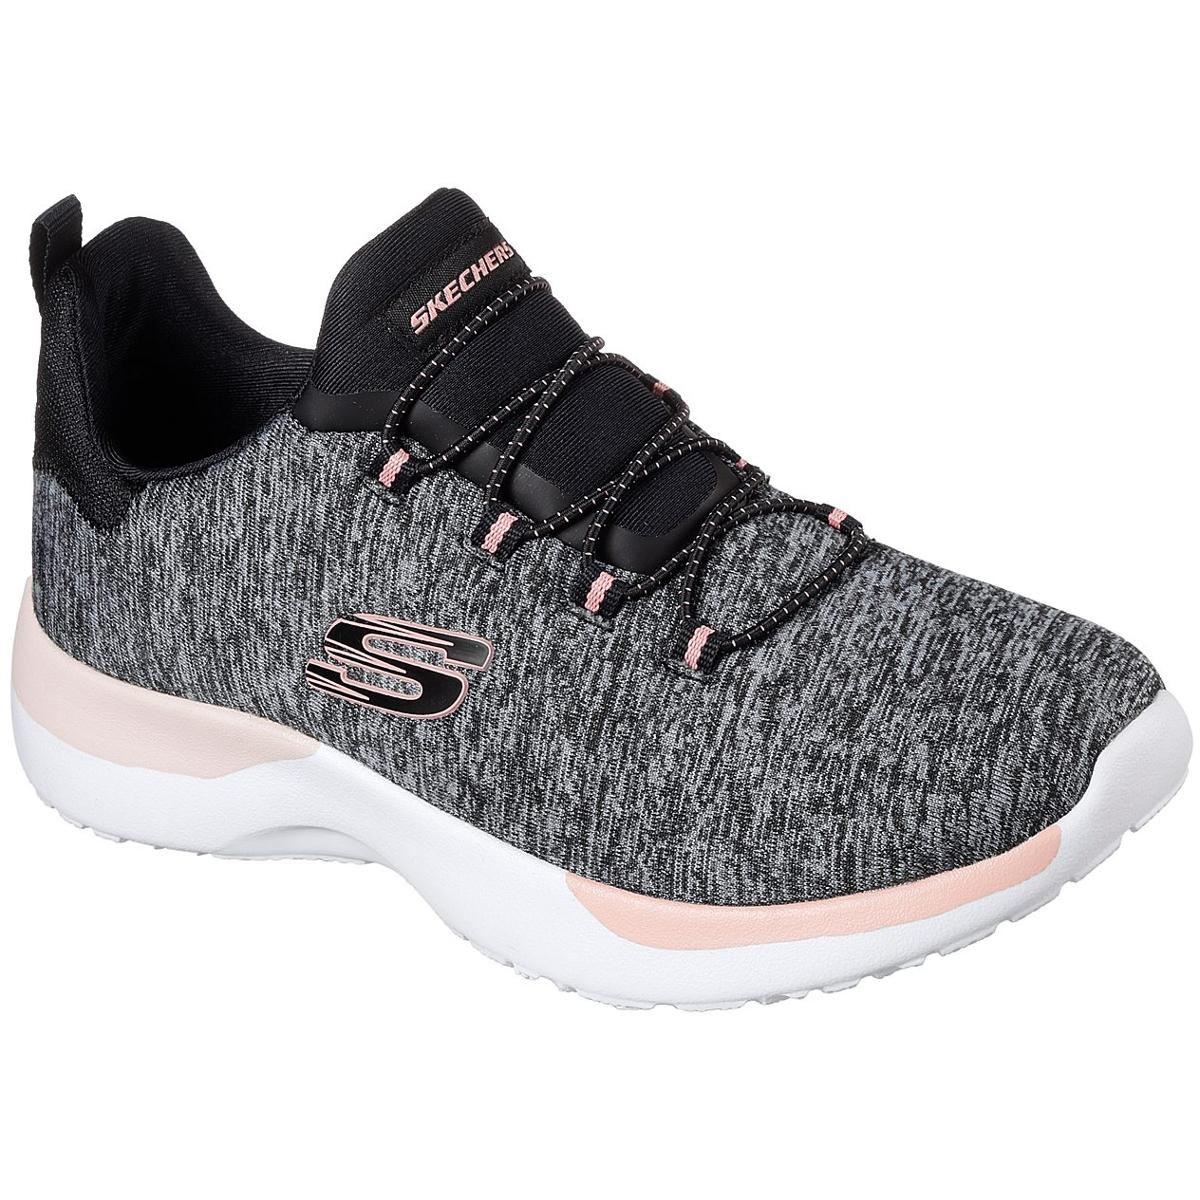 Skechers Women's Dynamight - Break-Through Sneakers - Black, 7